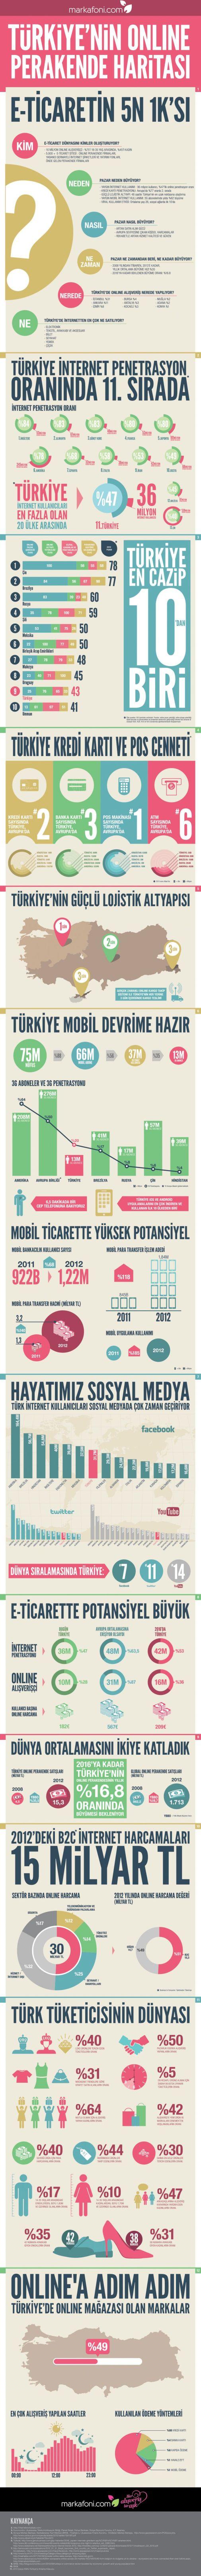 Türkiye'nin Online Perakende Haritası